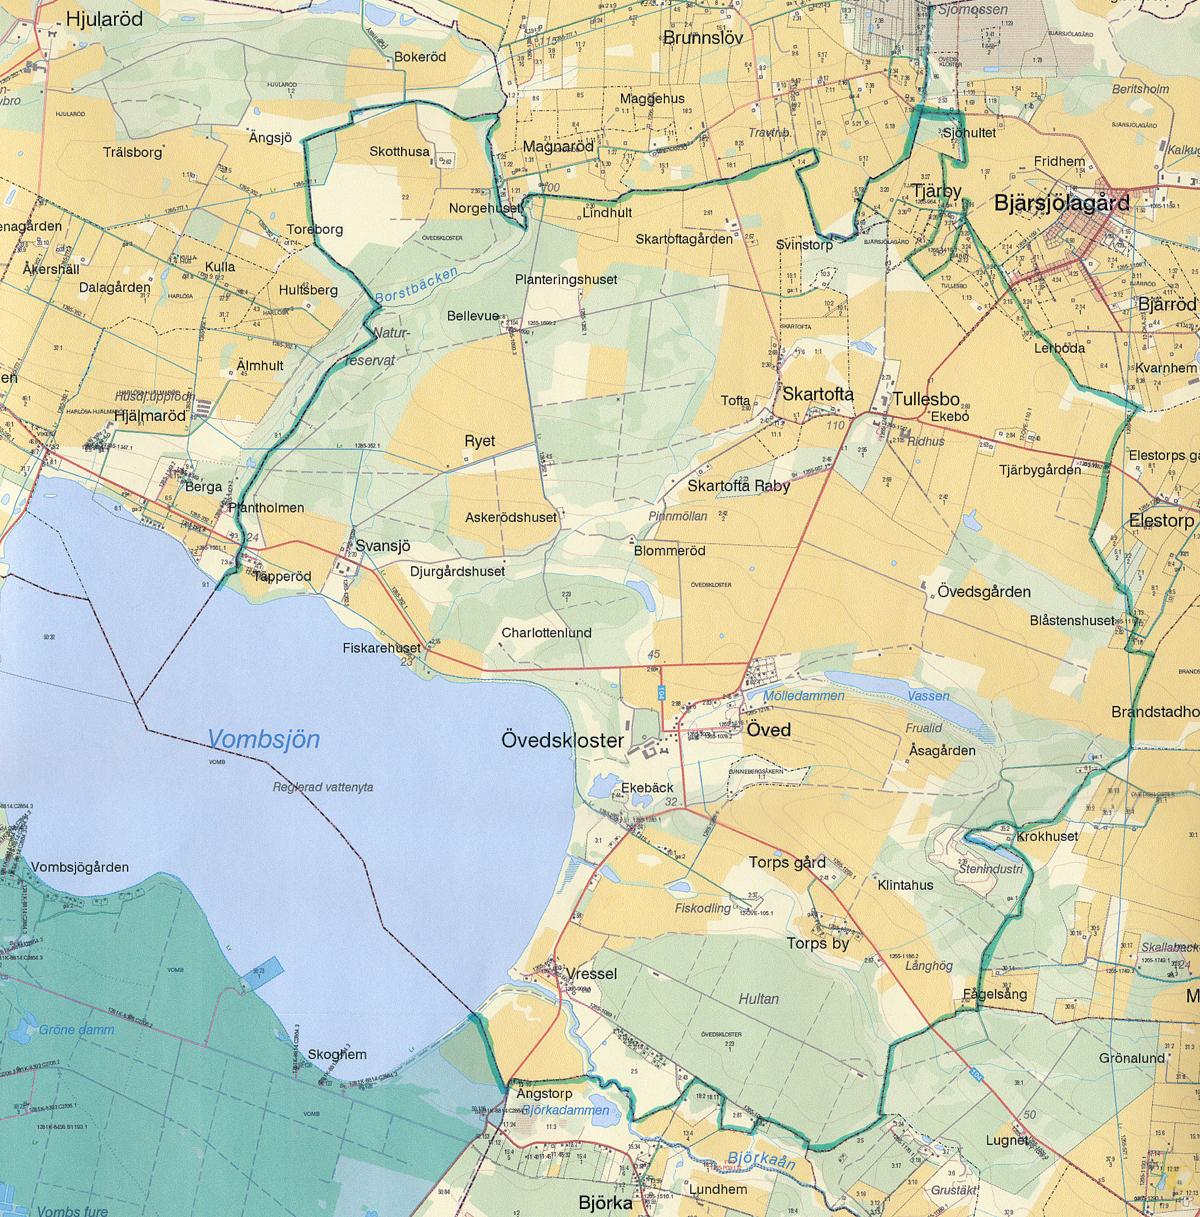 http://www.gyllenstierna-weitz-stiftelse.se/Customer/Gyllenstierna/filearea/Images/karta/karta_1200x1217.jpg